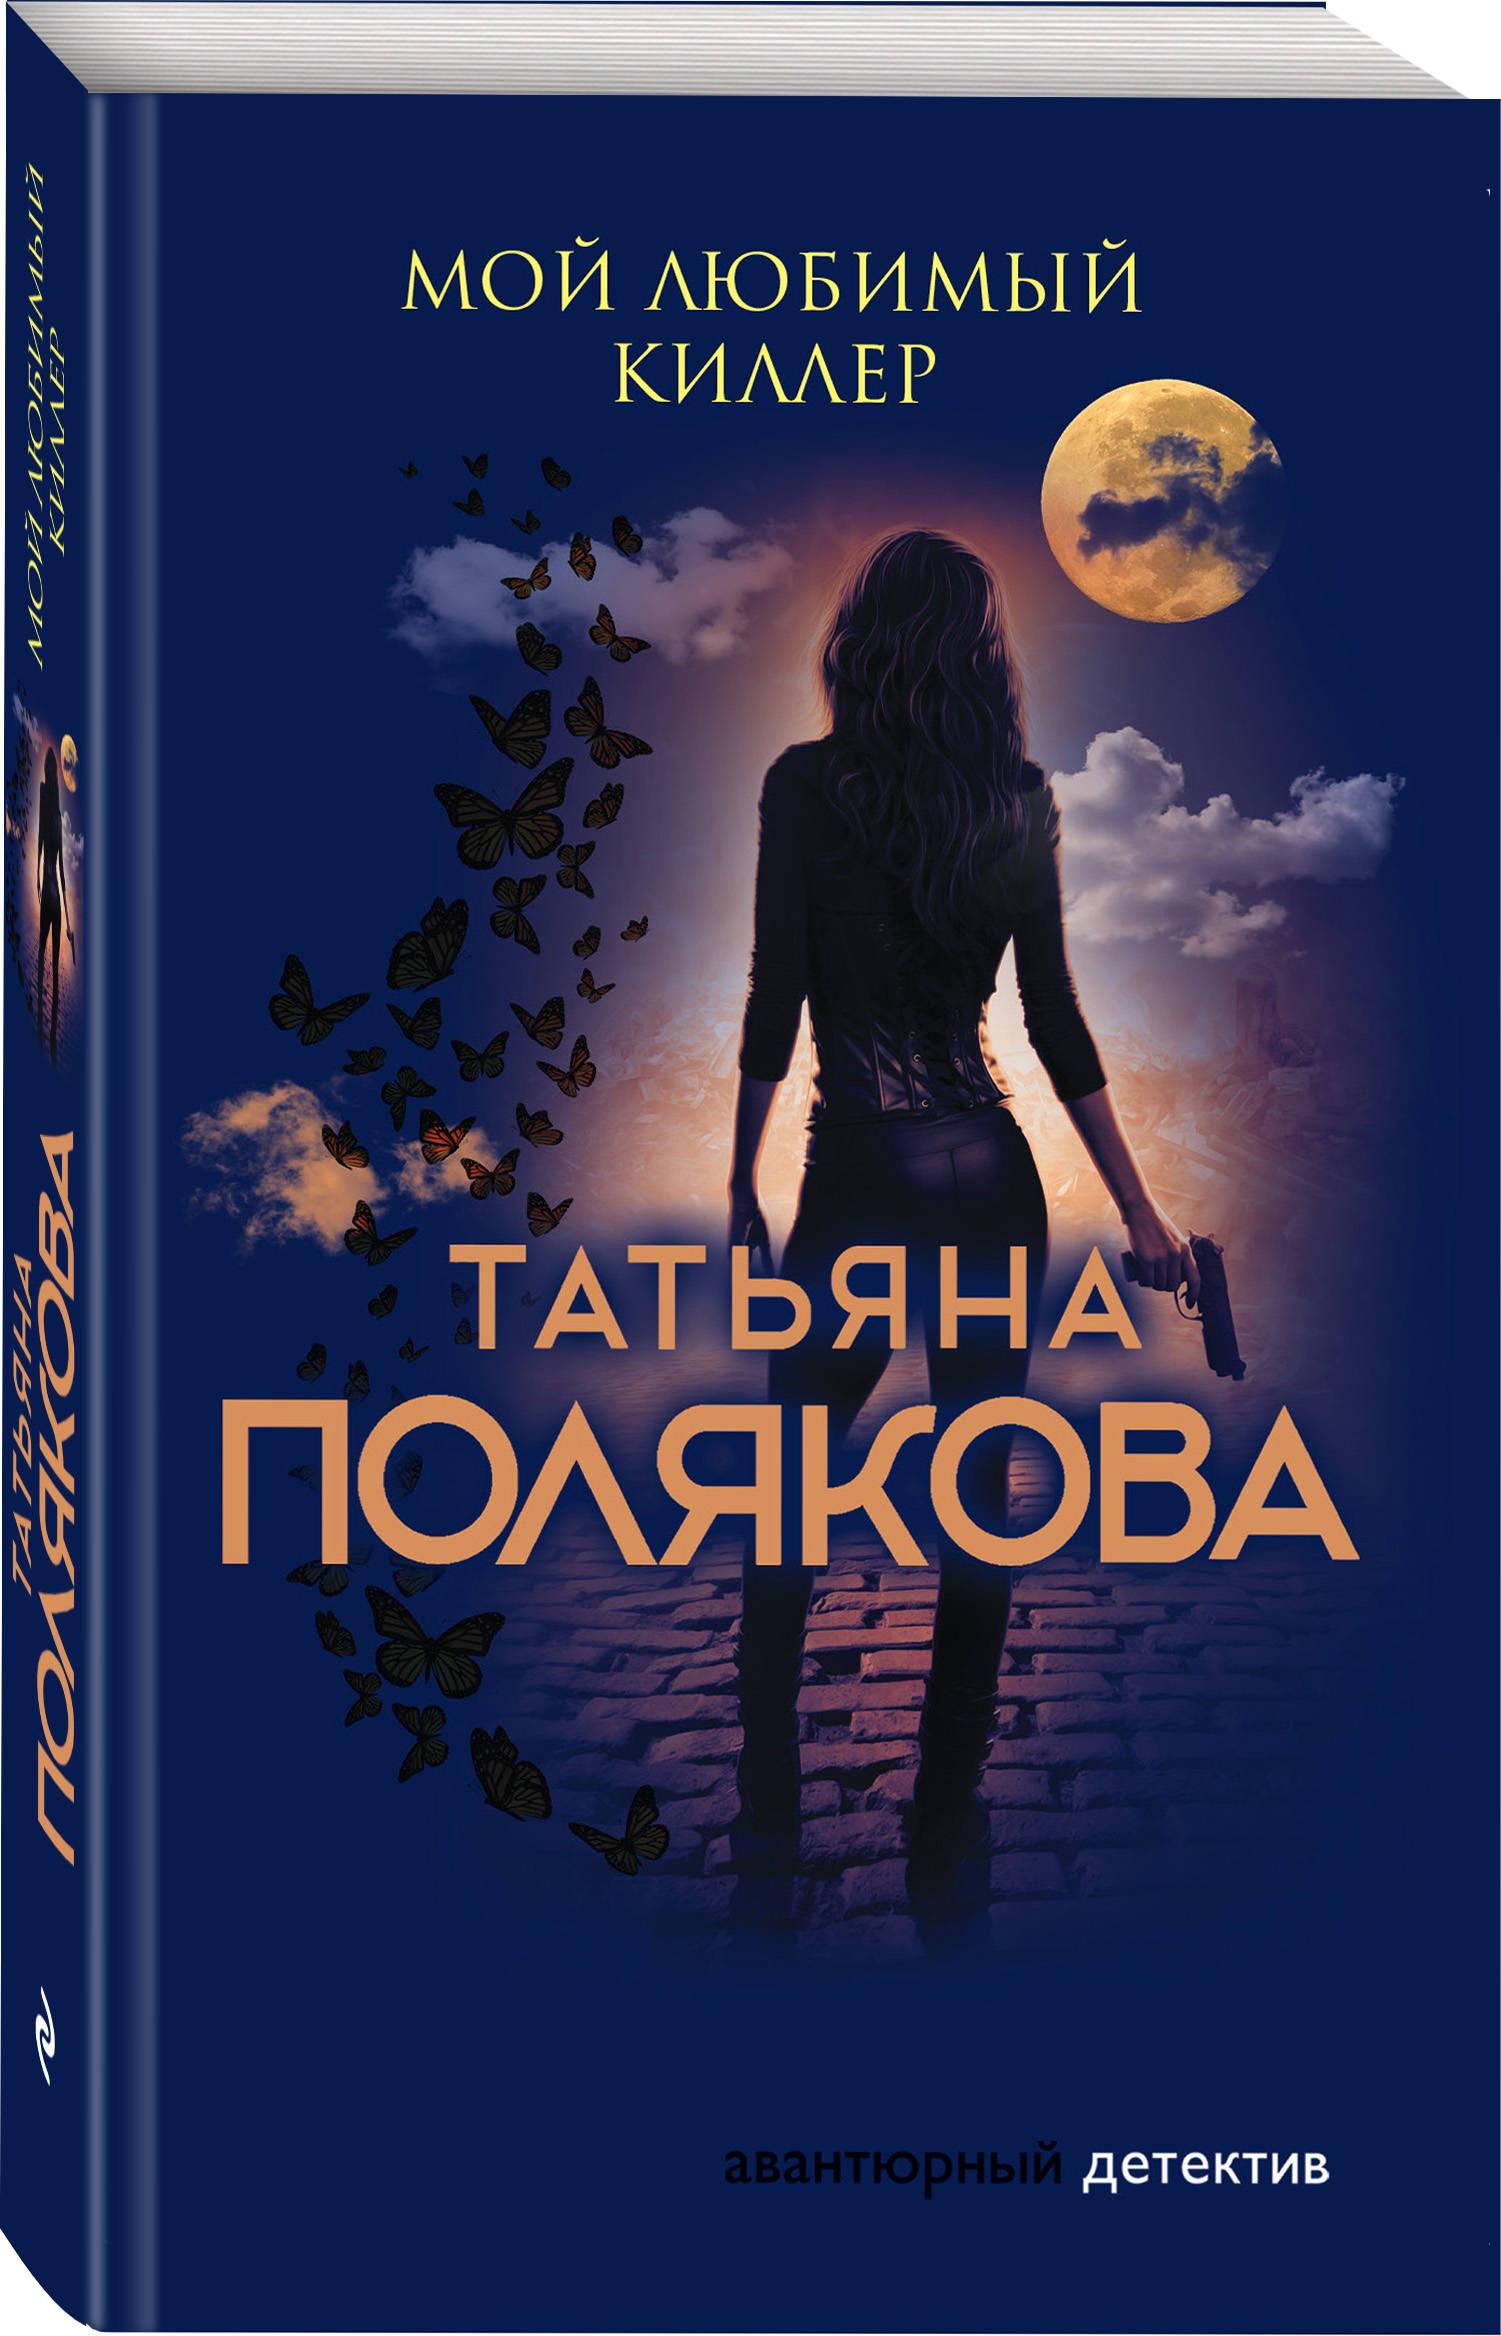 Татьяна Полякова Мой любимый киллер татьяна полякова мой любимый киллер